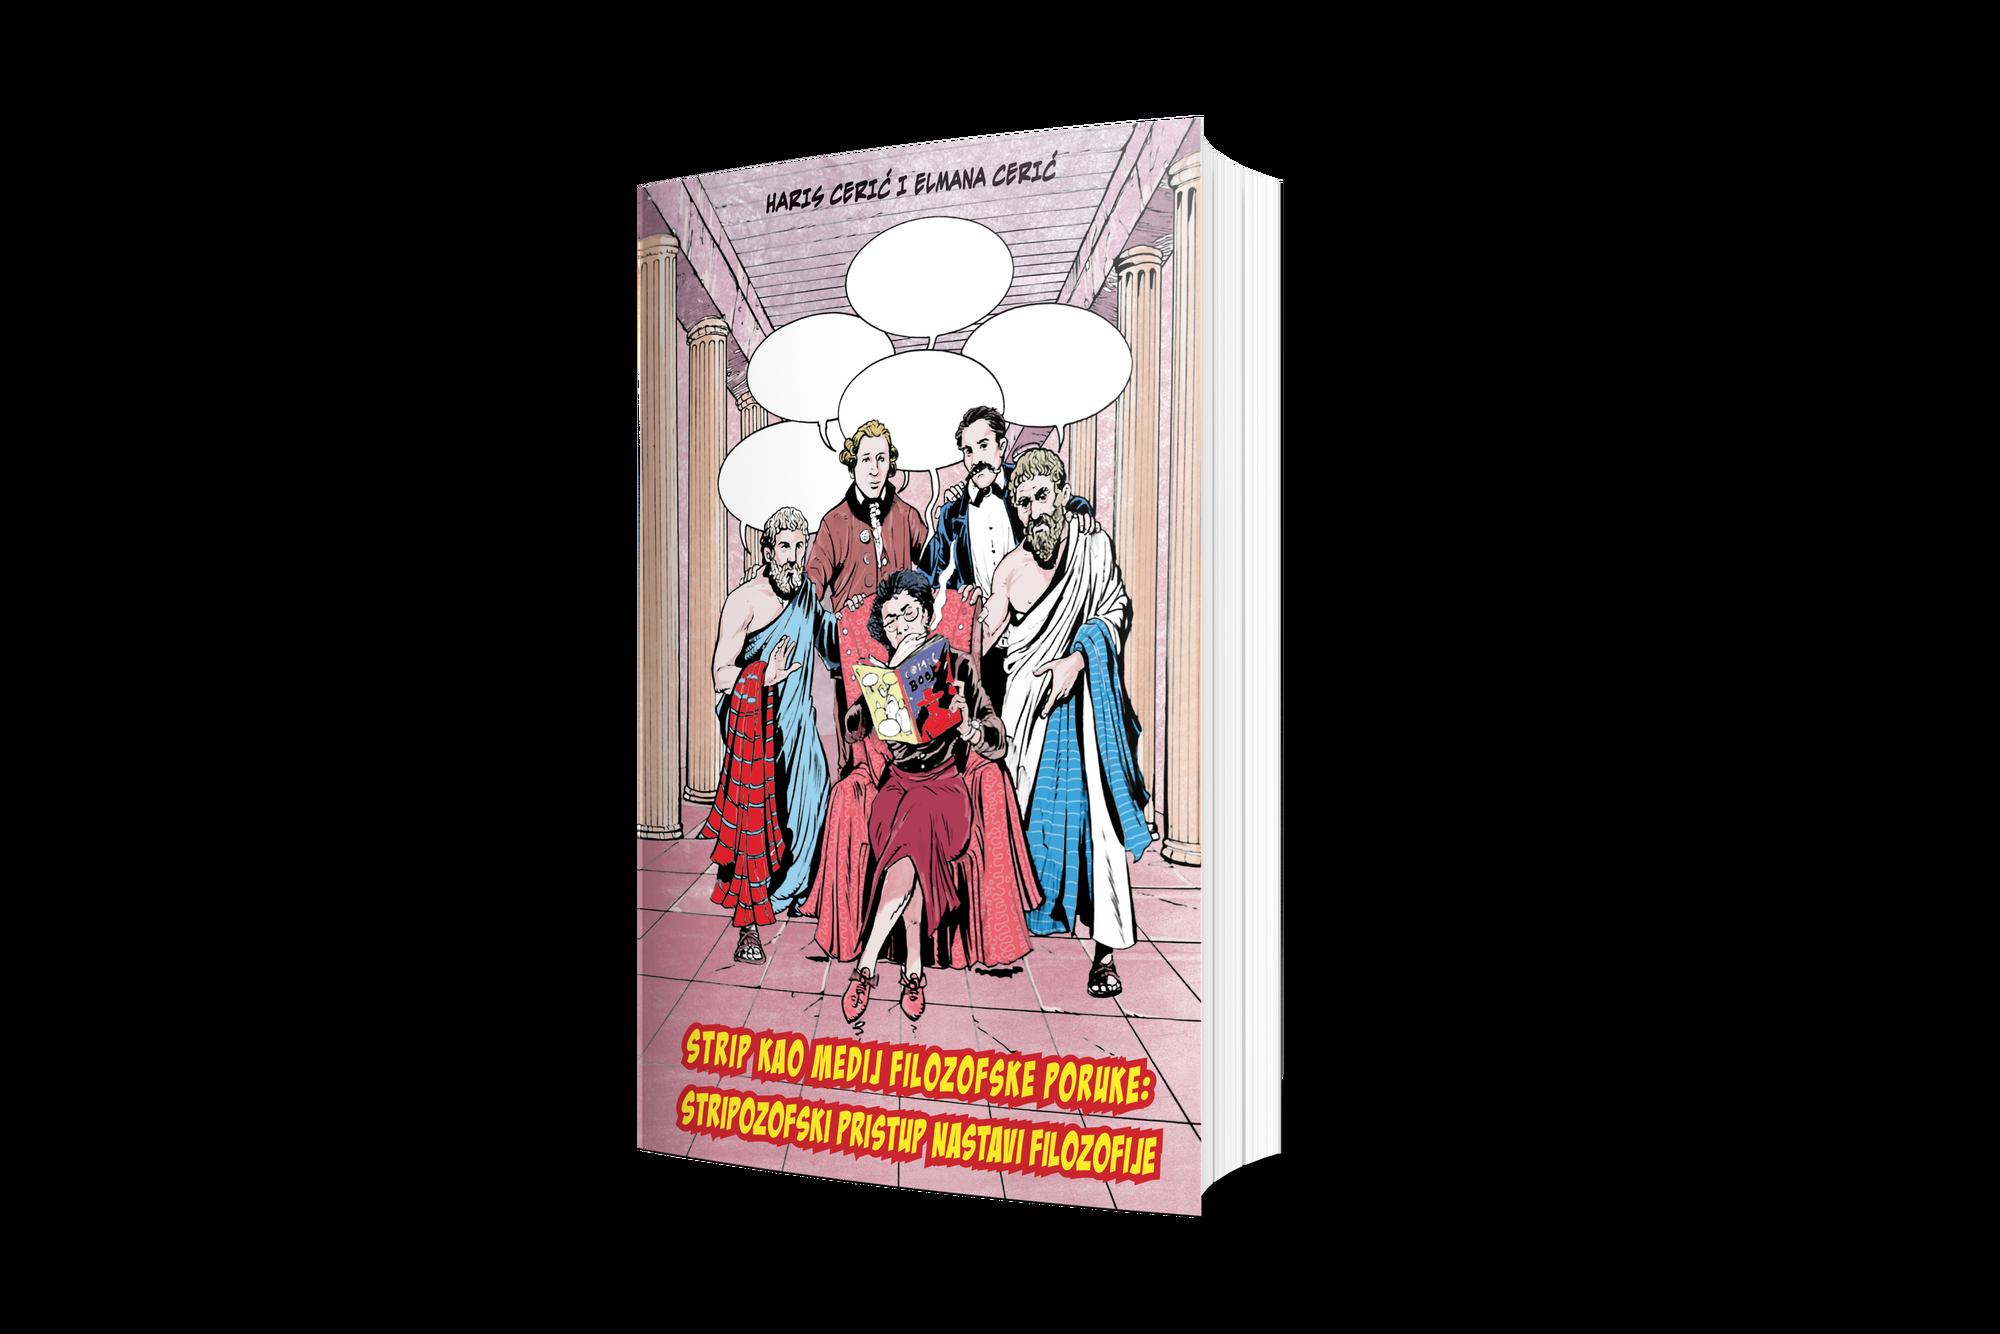 Strip kao medij filozofske poruke: stripozofski pristup nastavi filozofije